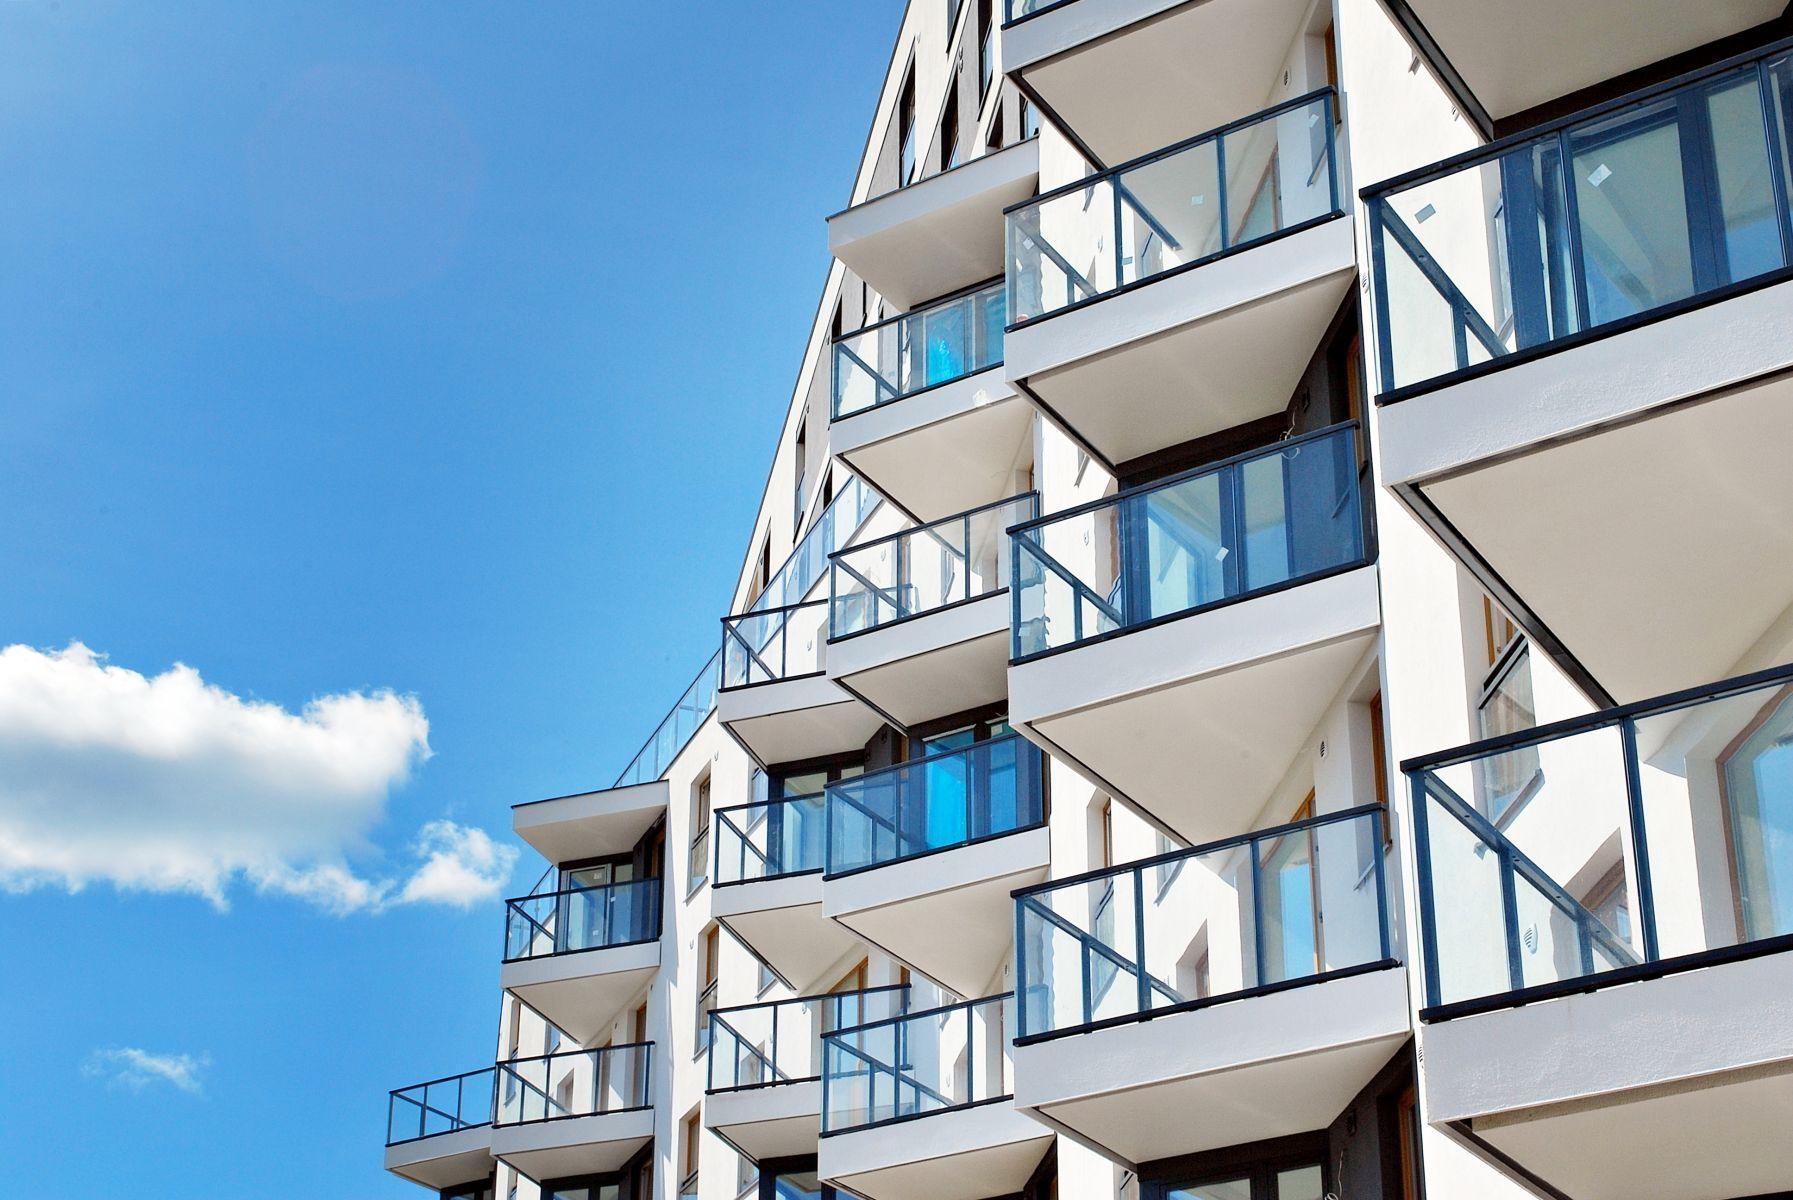 租房限定職業?公務員或工程師才能租